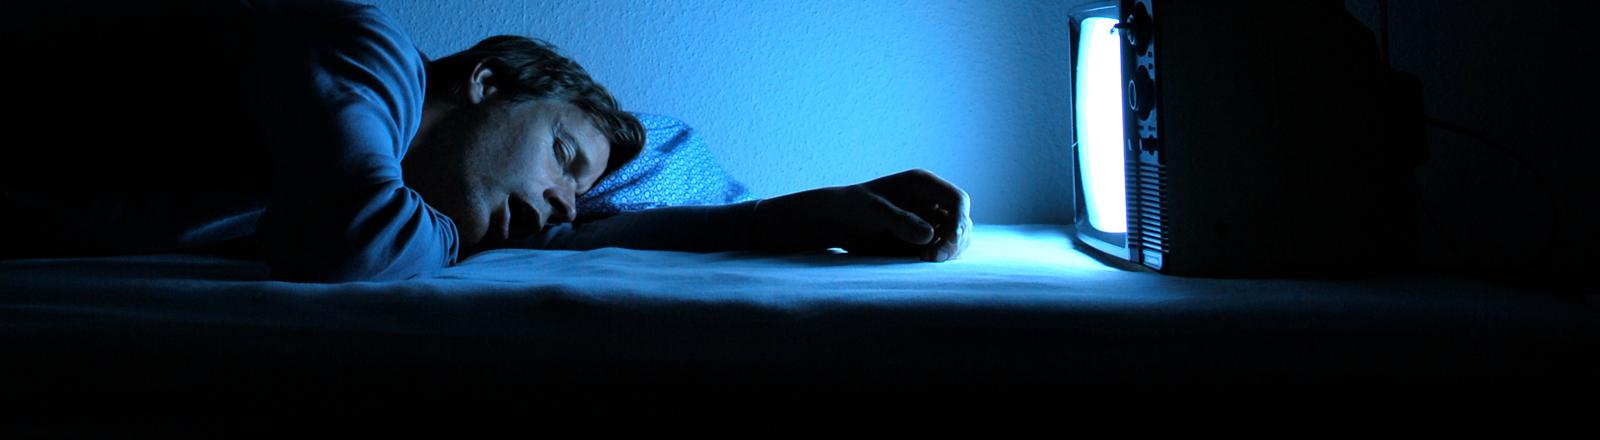 Ein Mann ist vor dem Fernseher eingeschlafen.